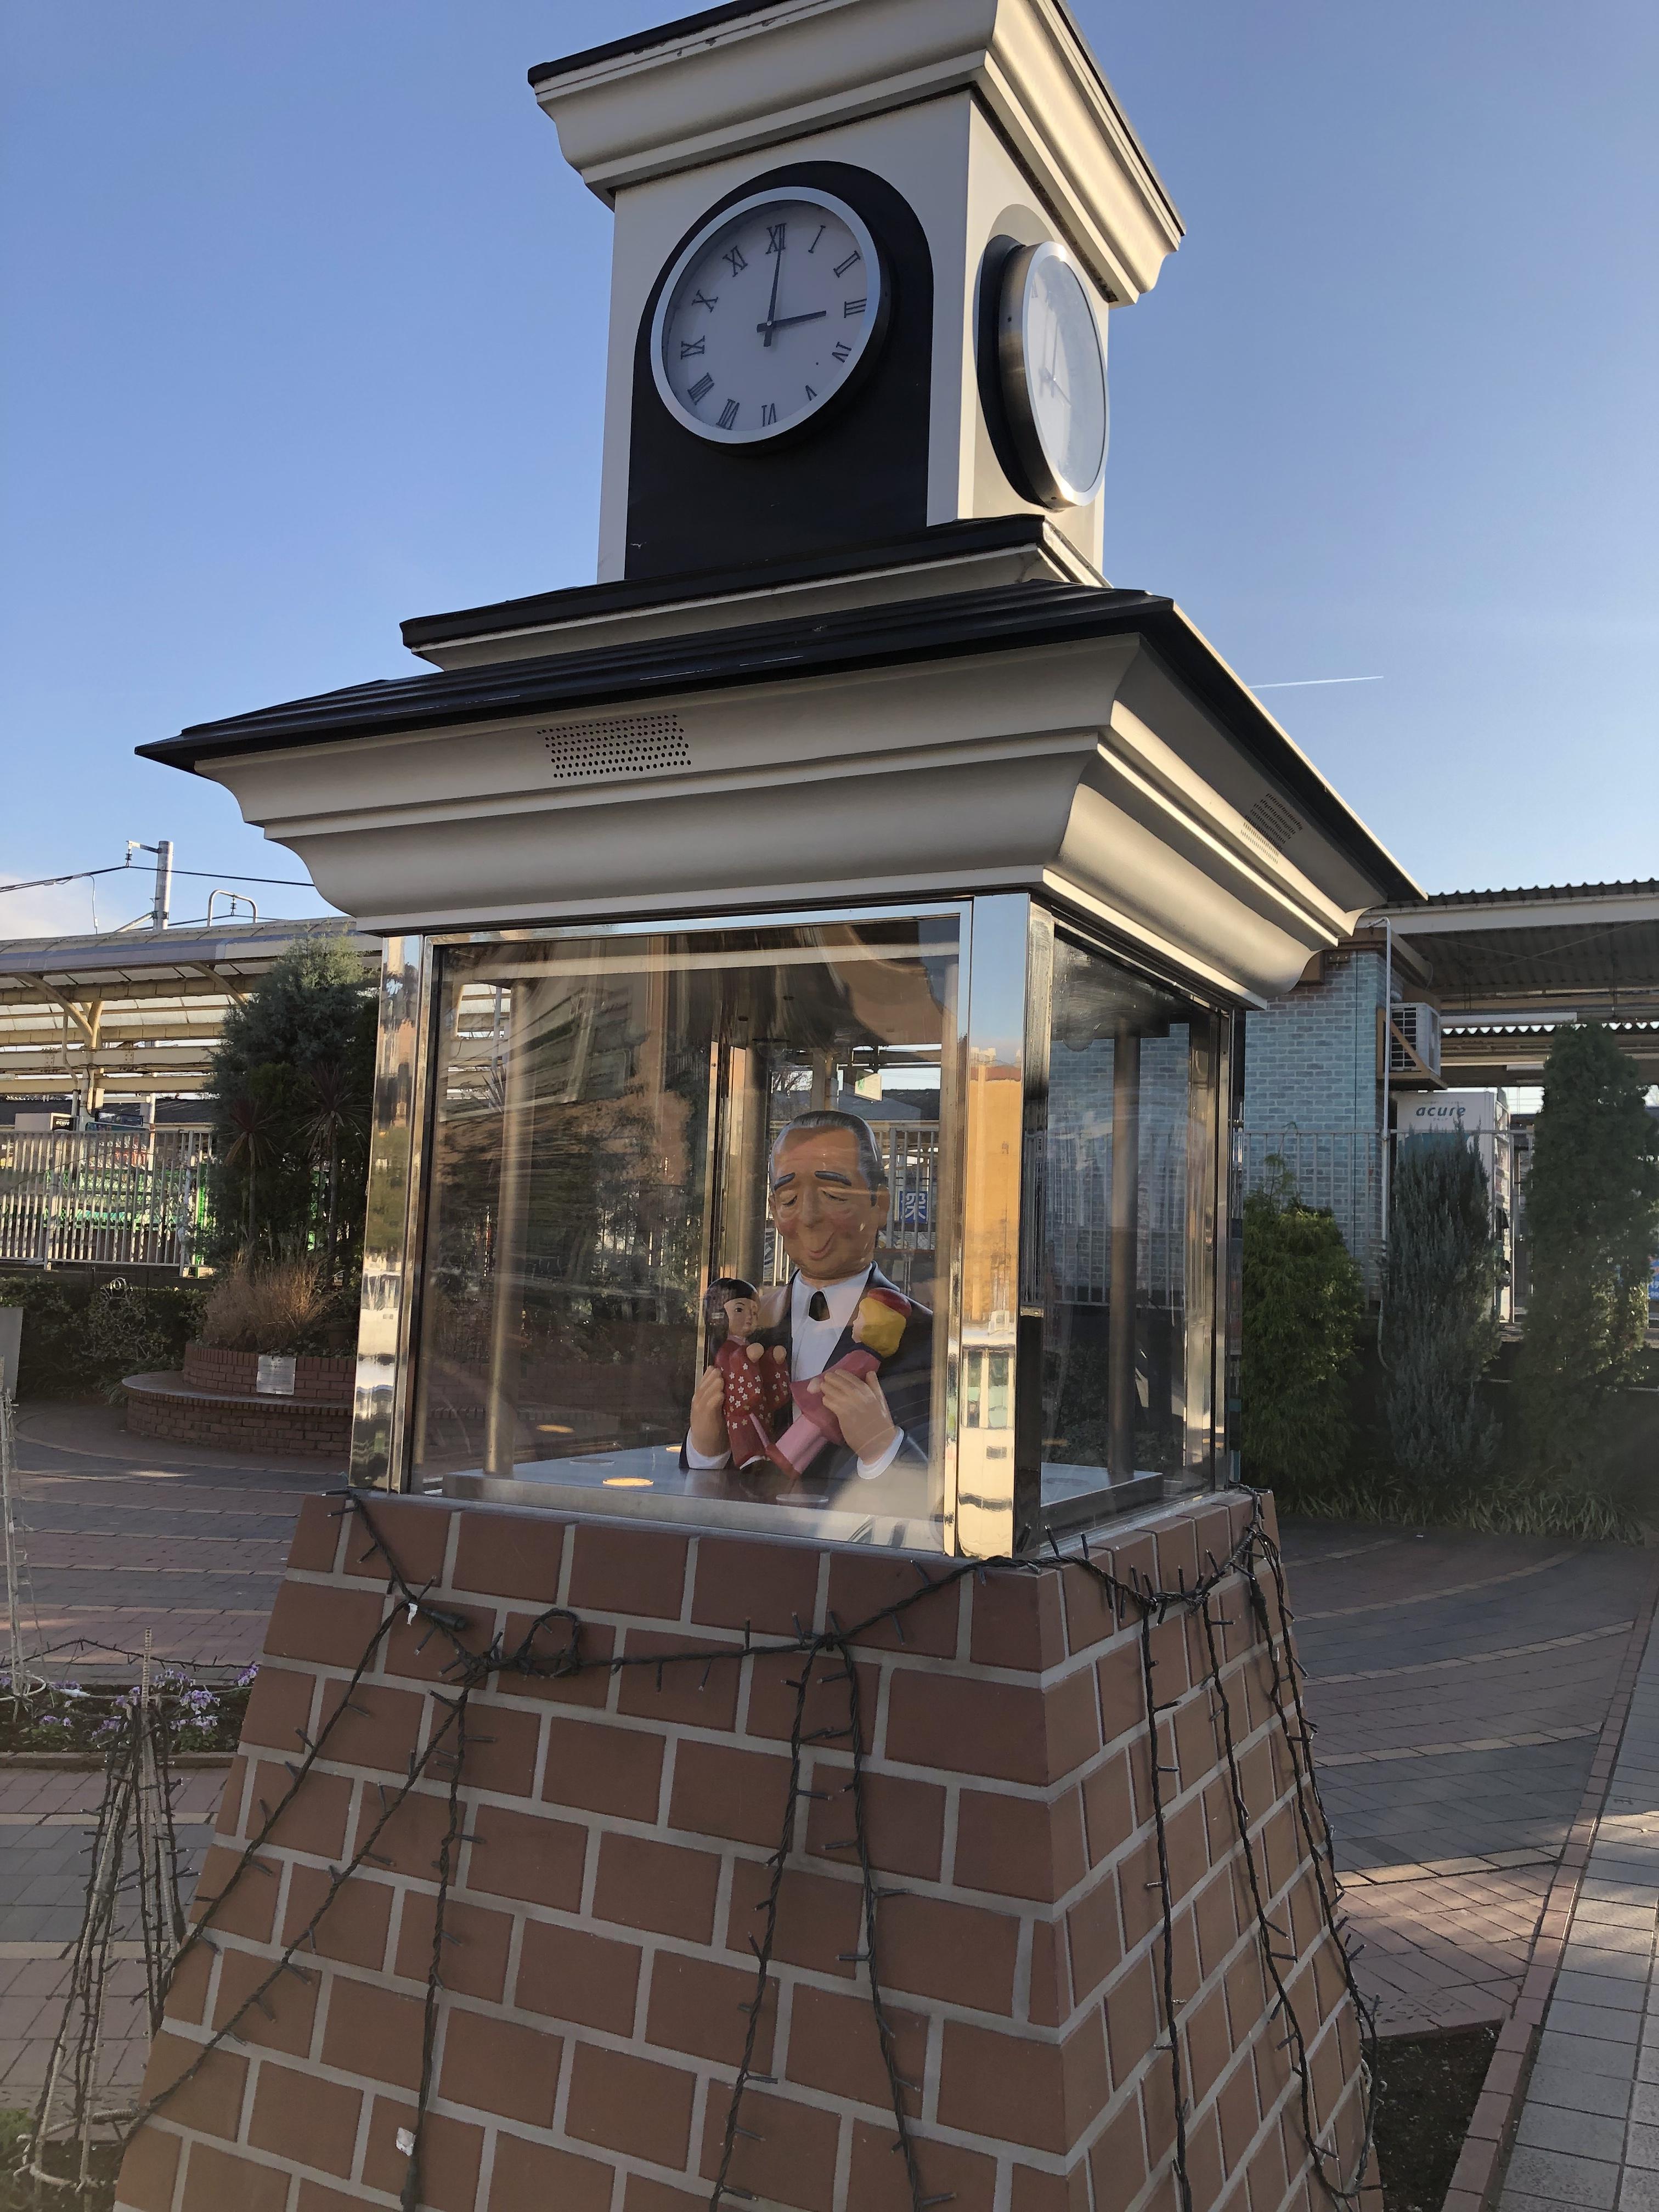 渋沢栄一さんのからくり時計